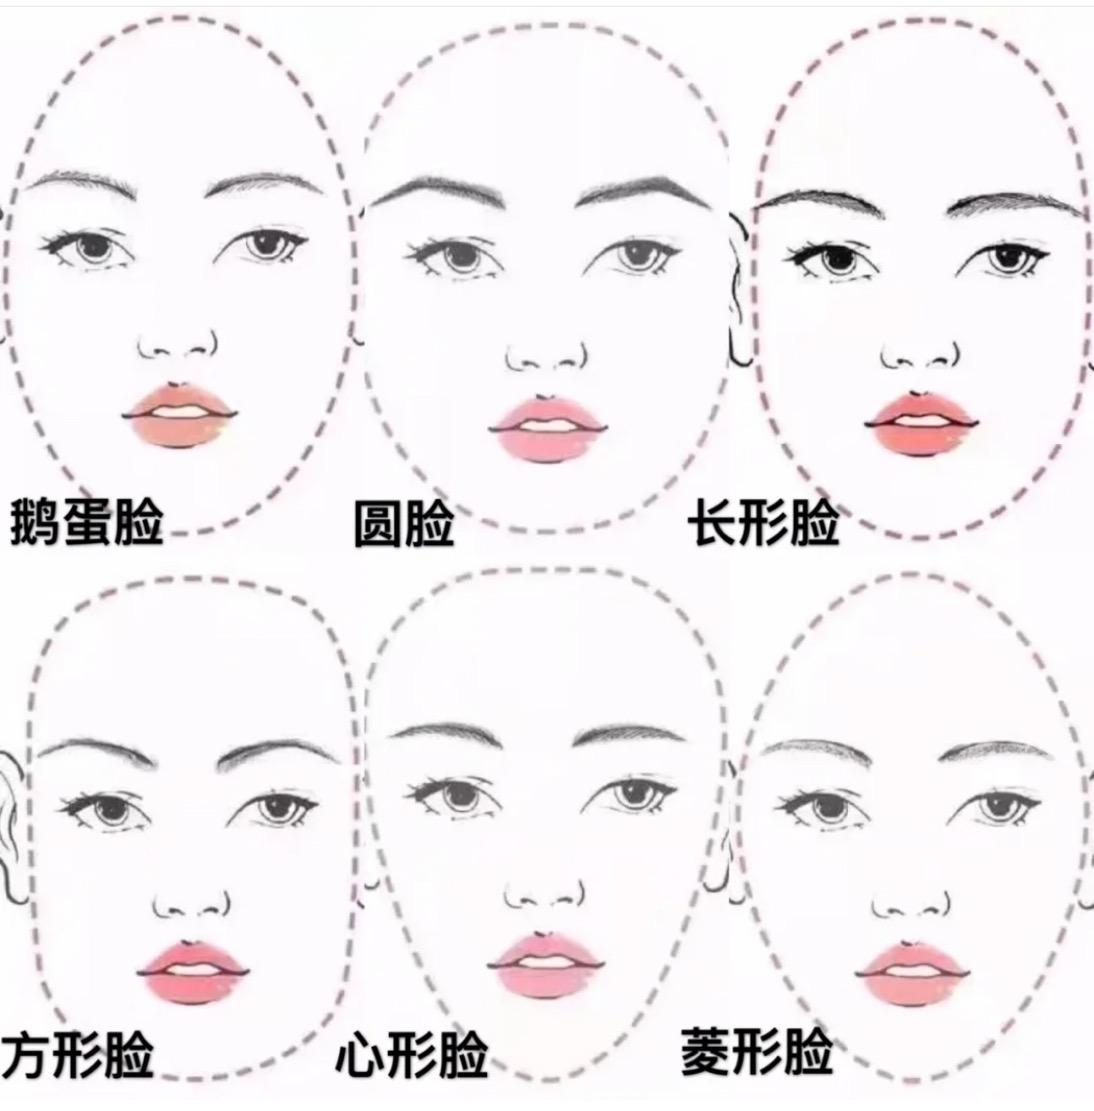 女人再懒也要学会化淡妆,4个详细步骤+技巧,简单易学还能抬气质